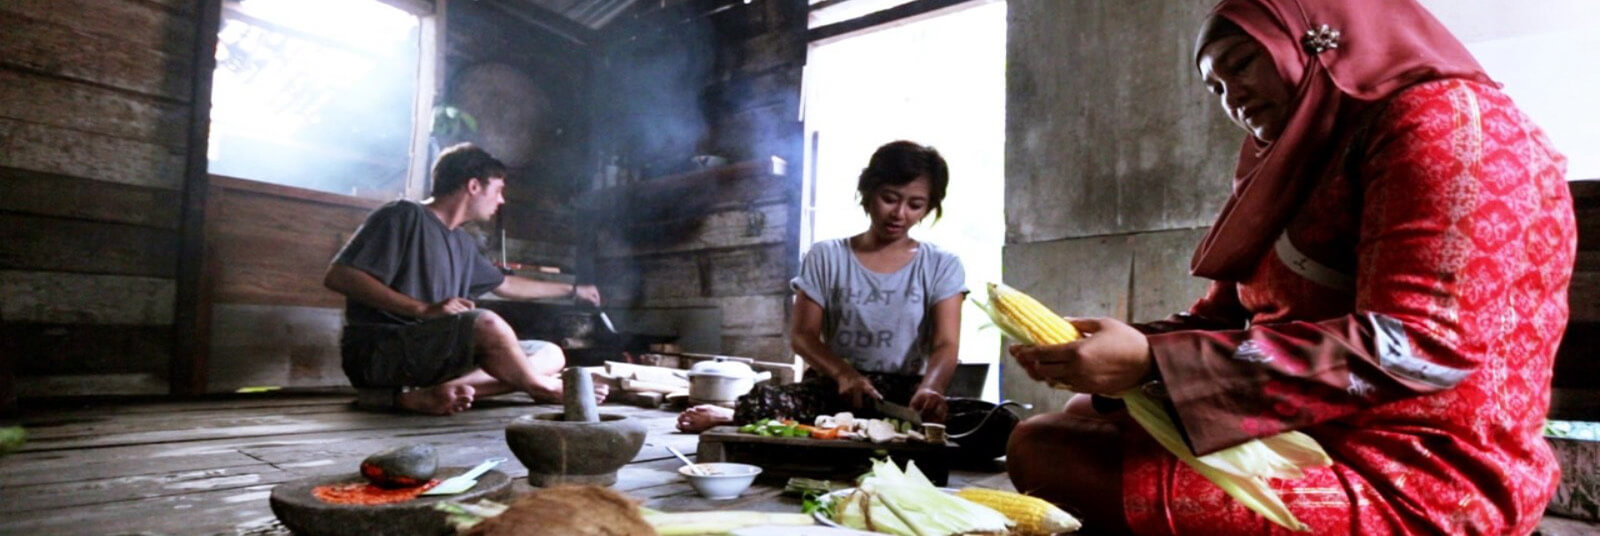 Cooking in Siak, Sumatra, Indonesia